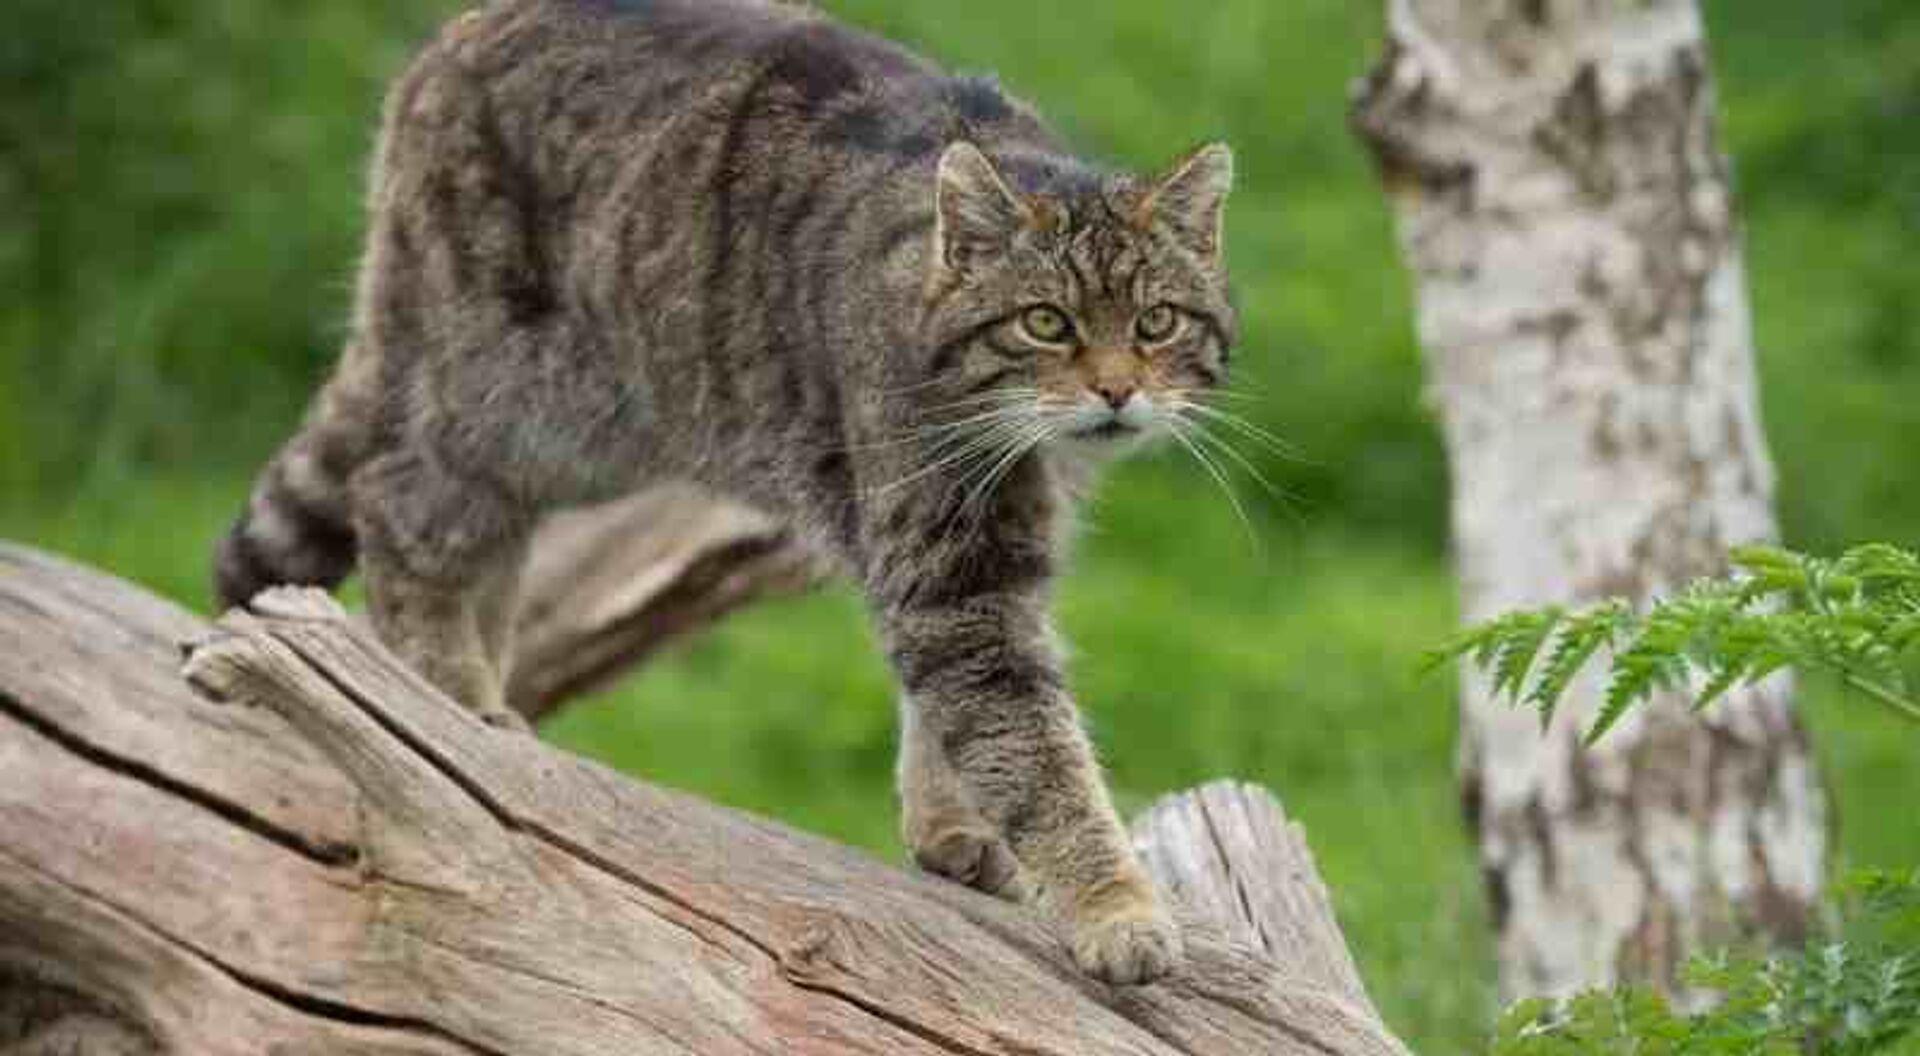 Yaban kedileri yüzyıllar sonra Hollanda'ya geri döndü - Sputnik Türkiye, 1920, 04.08.2021